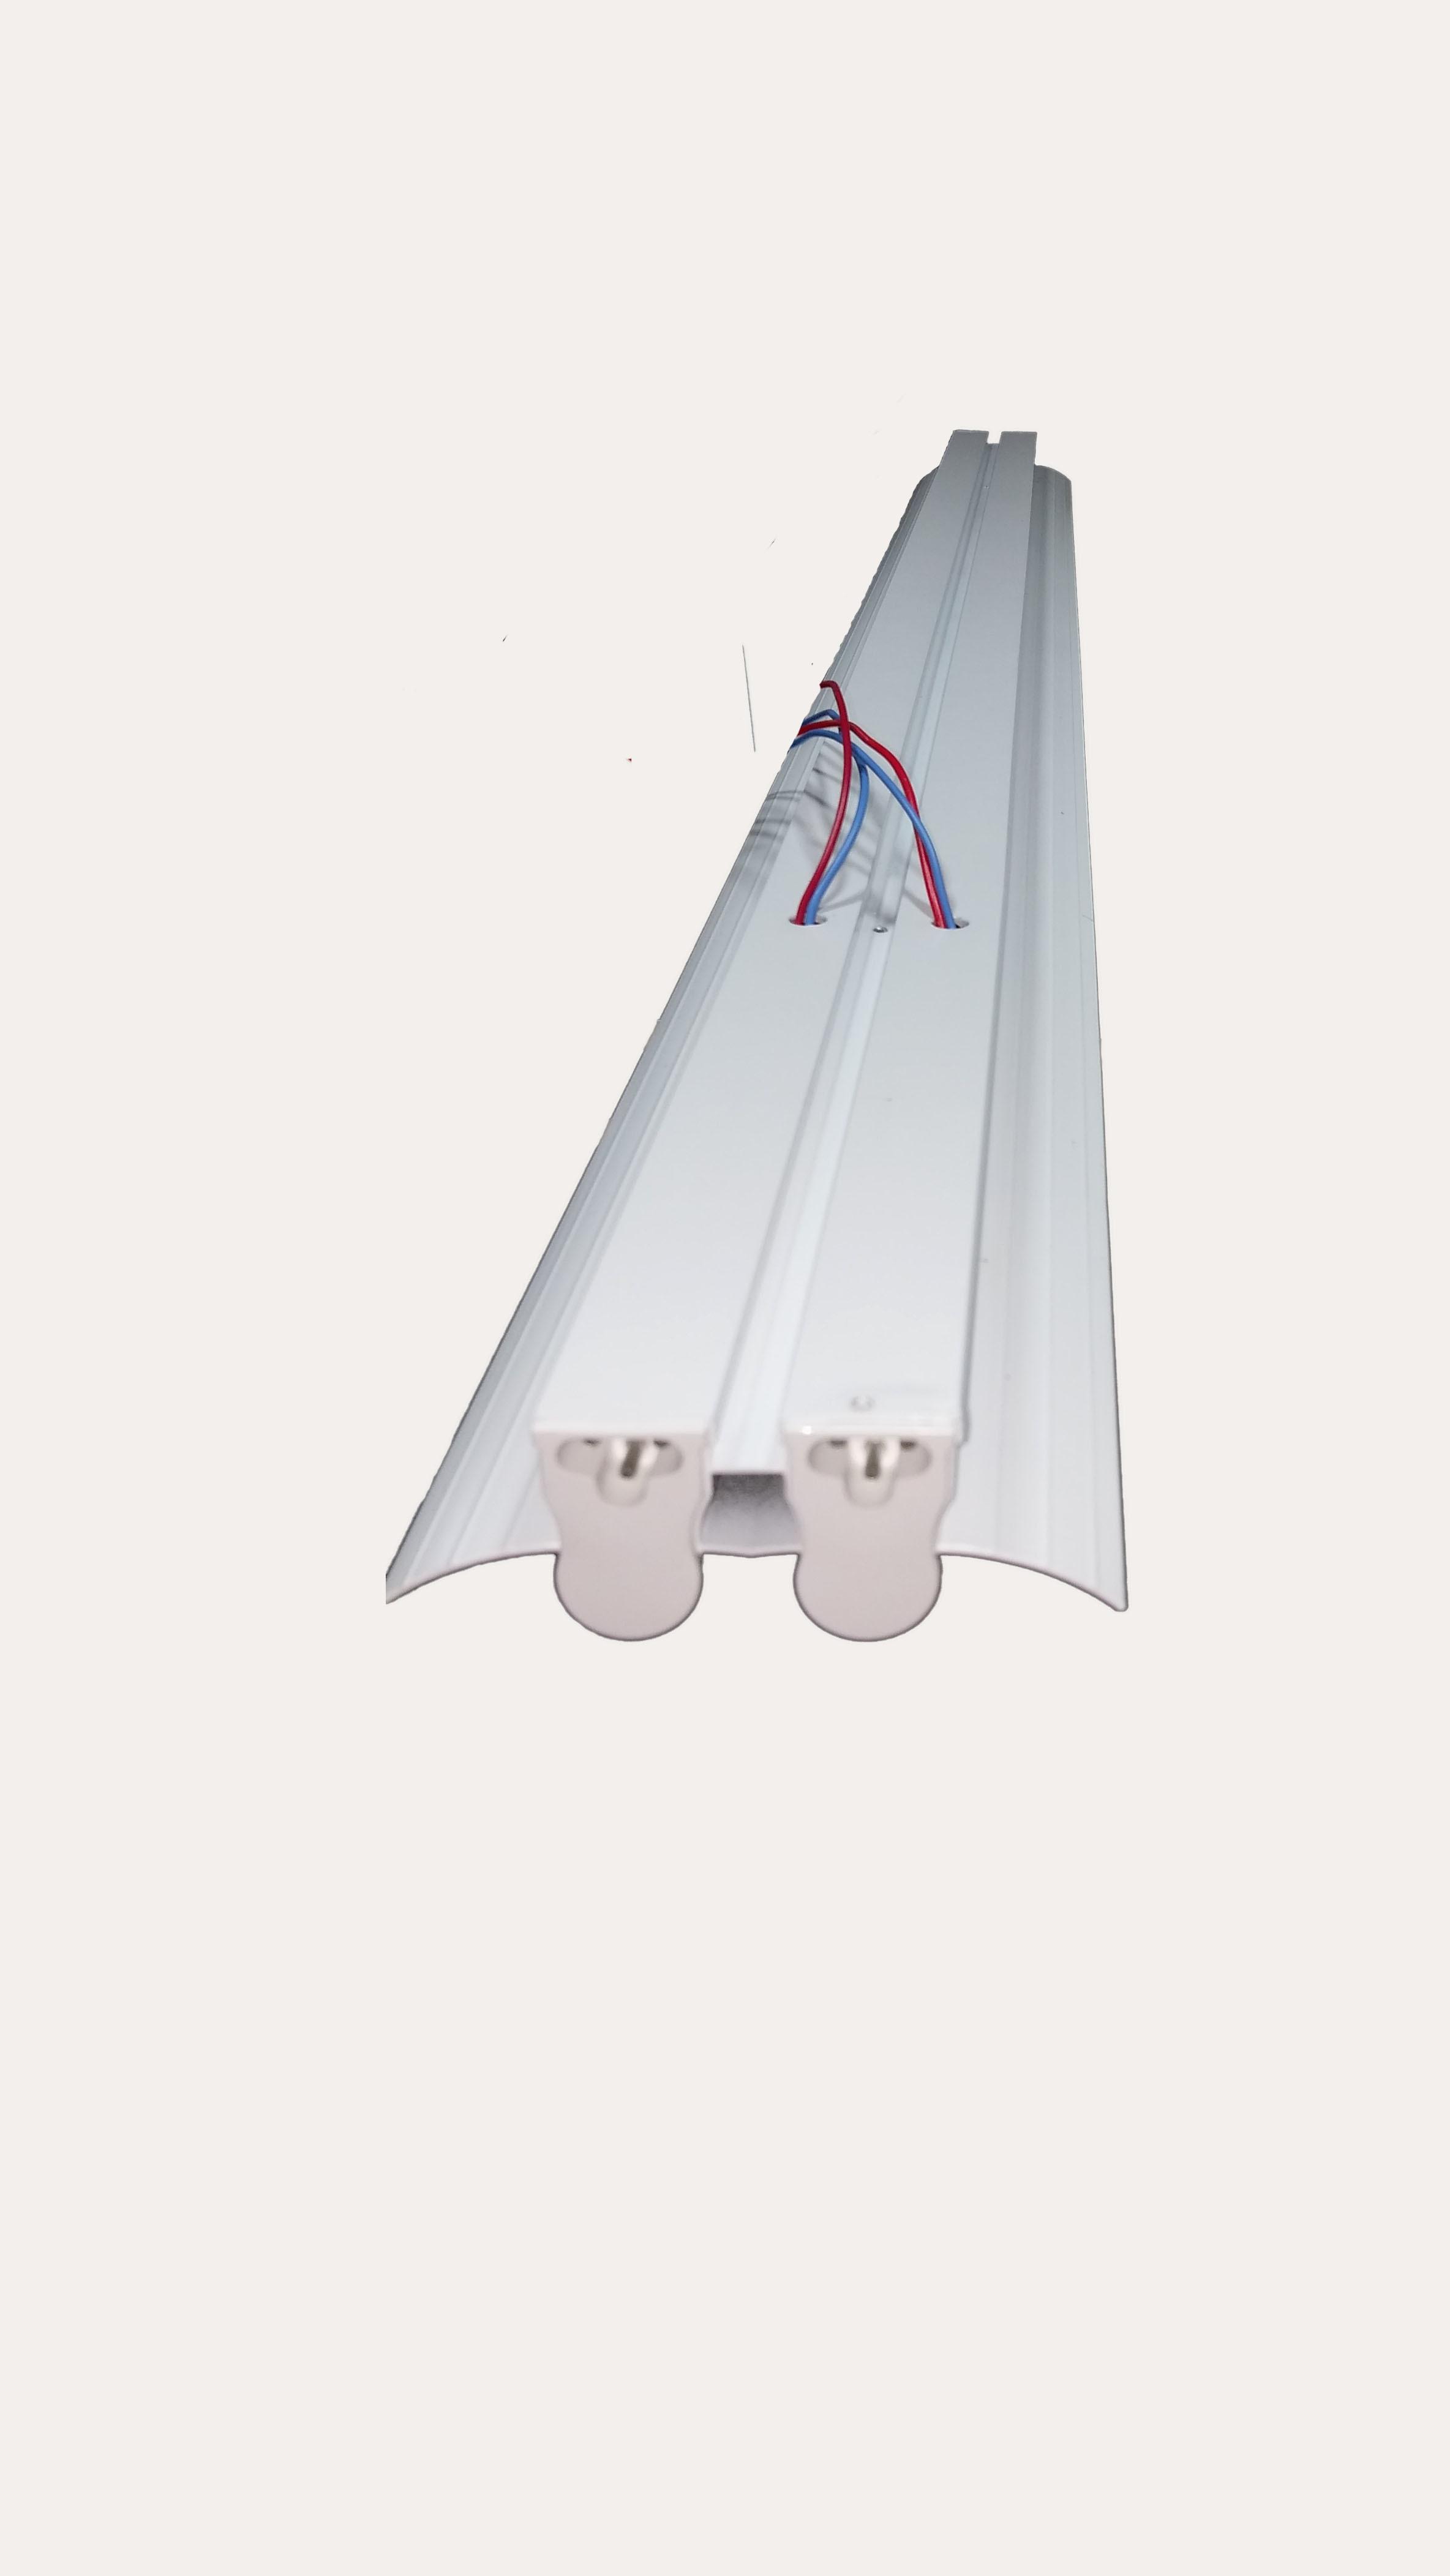 2 X 24 INDUSTRIAL T5 TUBE LIGHT